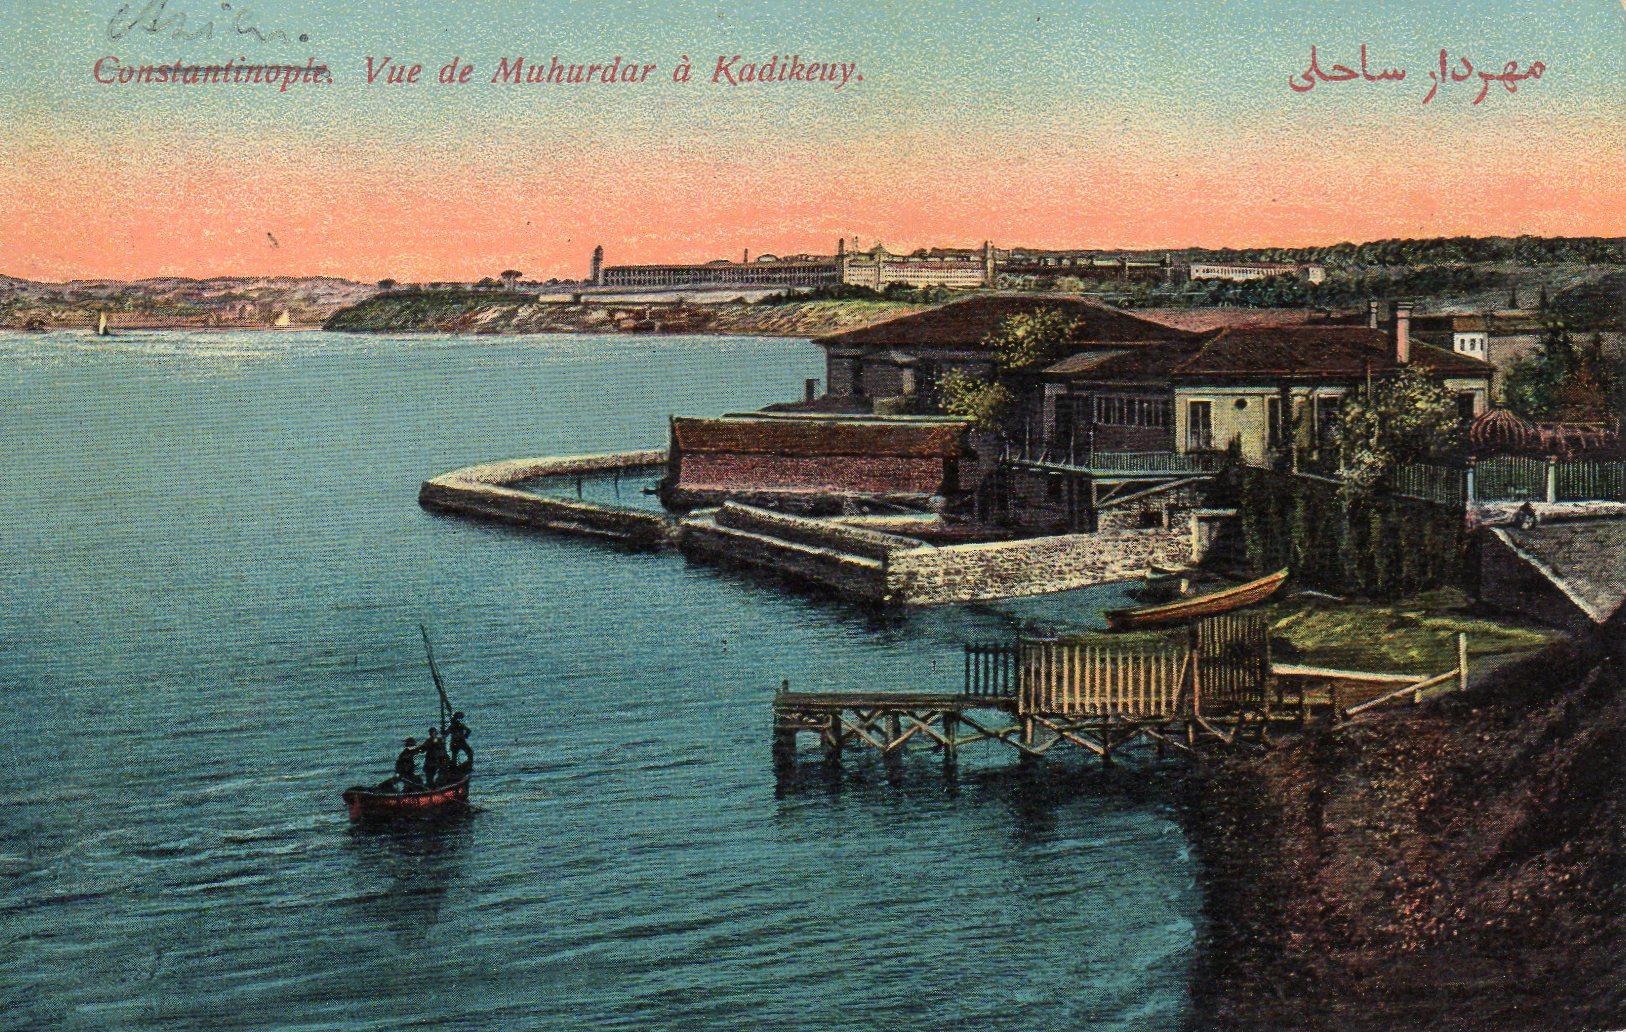 Constantinopel Vue de Muhurdar